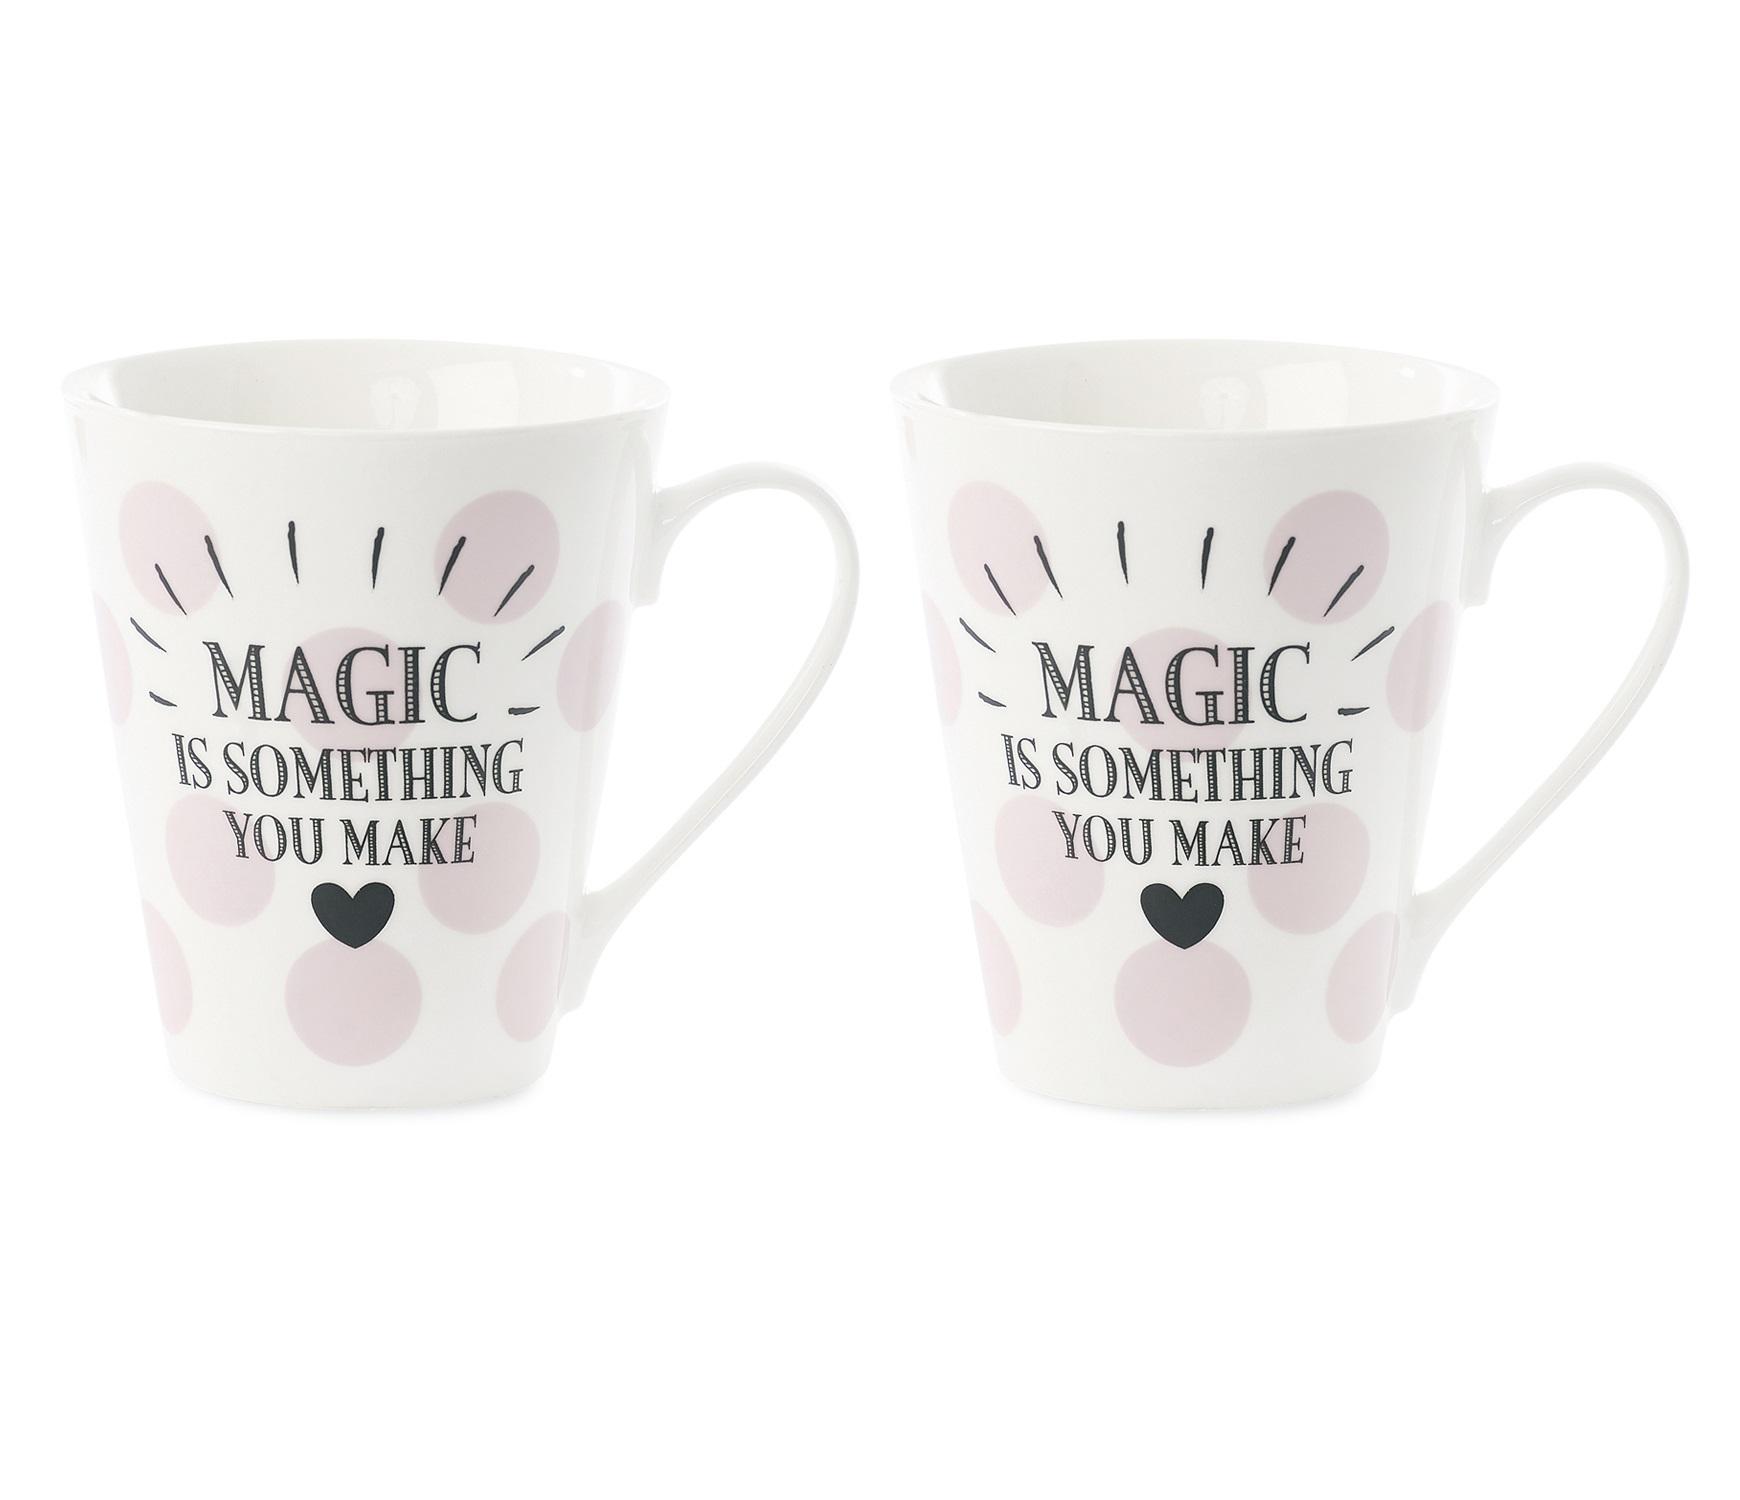 Набор кофейных чашек (2шт)Чайные пары, чашки и кружки<br>Чаепитие - настоящее магическое действо, во время которого можно получить море удовольствий сразу. С По Мисс Etoile посудой ко всем приятностям добавится и эстетическое наслаждение от красивой сервировки. Эта милая чашка выглядят женственно и изящно, в сочетании с ароматным чаем и круассаном она создаст настроение булочной Парижа.&amp;amp;nbsp;&amp;lt;div&amp;gt;&amp;lt;br&amp;gt;&amp;lt;/div&amp;gt;&amp;lt;div&amp;gt;Объем 250 мл.&amp;amp;nbsp;&amp;lt;/div&amp;gt;&amp;lt;div&amp;gt;&amp;lt;span style=&amp;quot;font-size: 14px;&amp;quot;&amp;gt;В&amp;lt;/span&amp;gt;&amp;lt;span style=&amp;quot;font-size: 14px;&amp;quot;&amp;gt;&amp;amp;nbsp;наборе 2 шт. (H:10 ?:8,5 см)&amp;lt;/span&amp;gt;&amp;lt;/div&amp;gt;<br><br>Material: Керамика